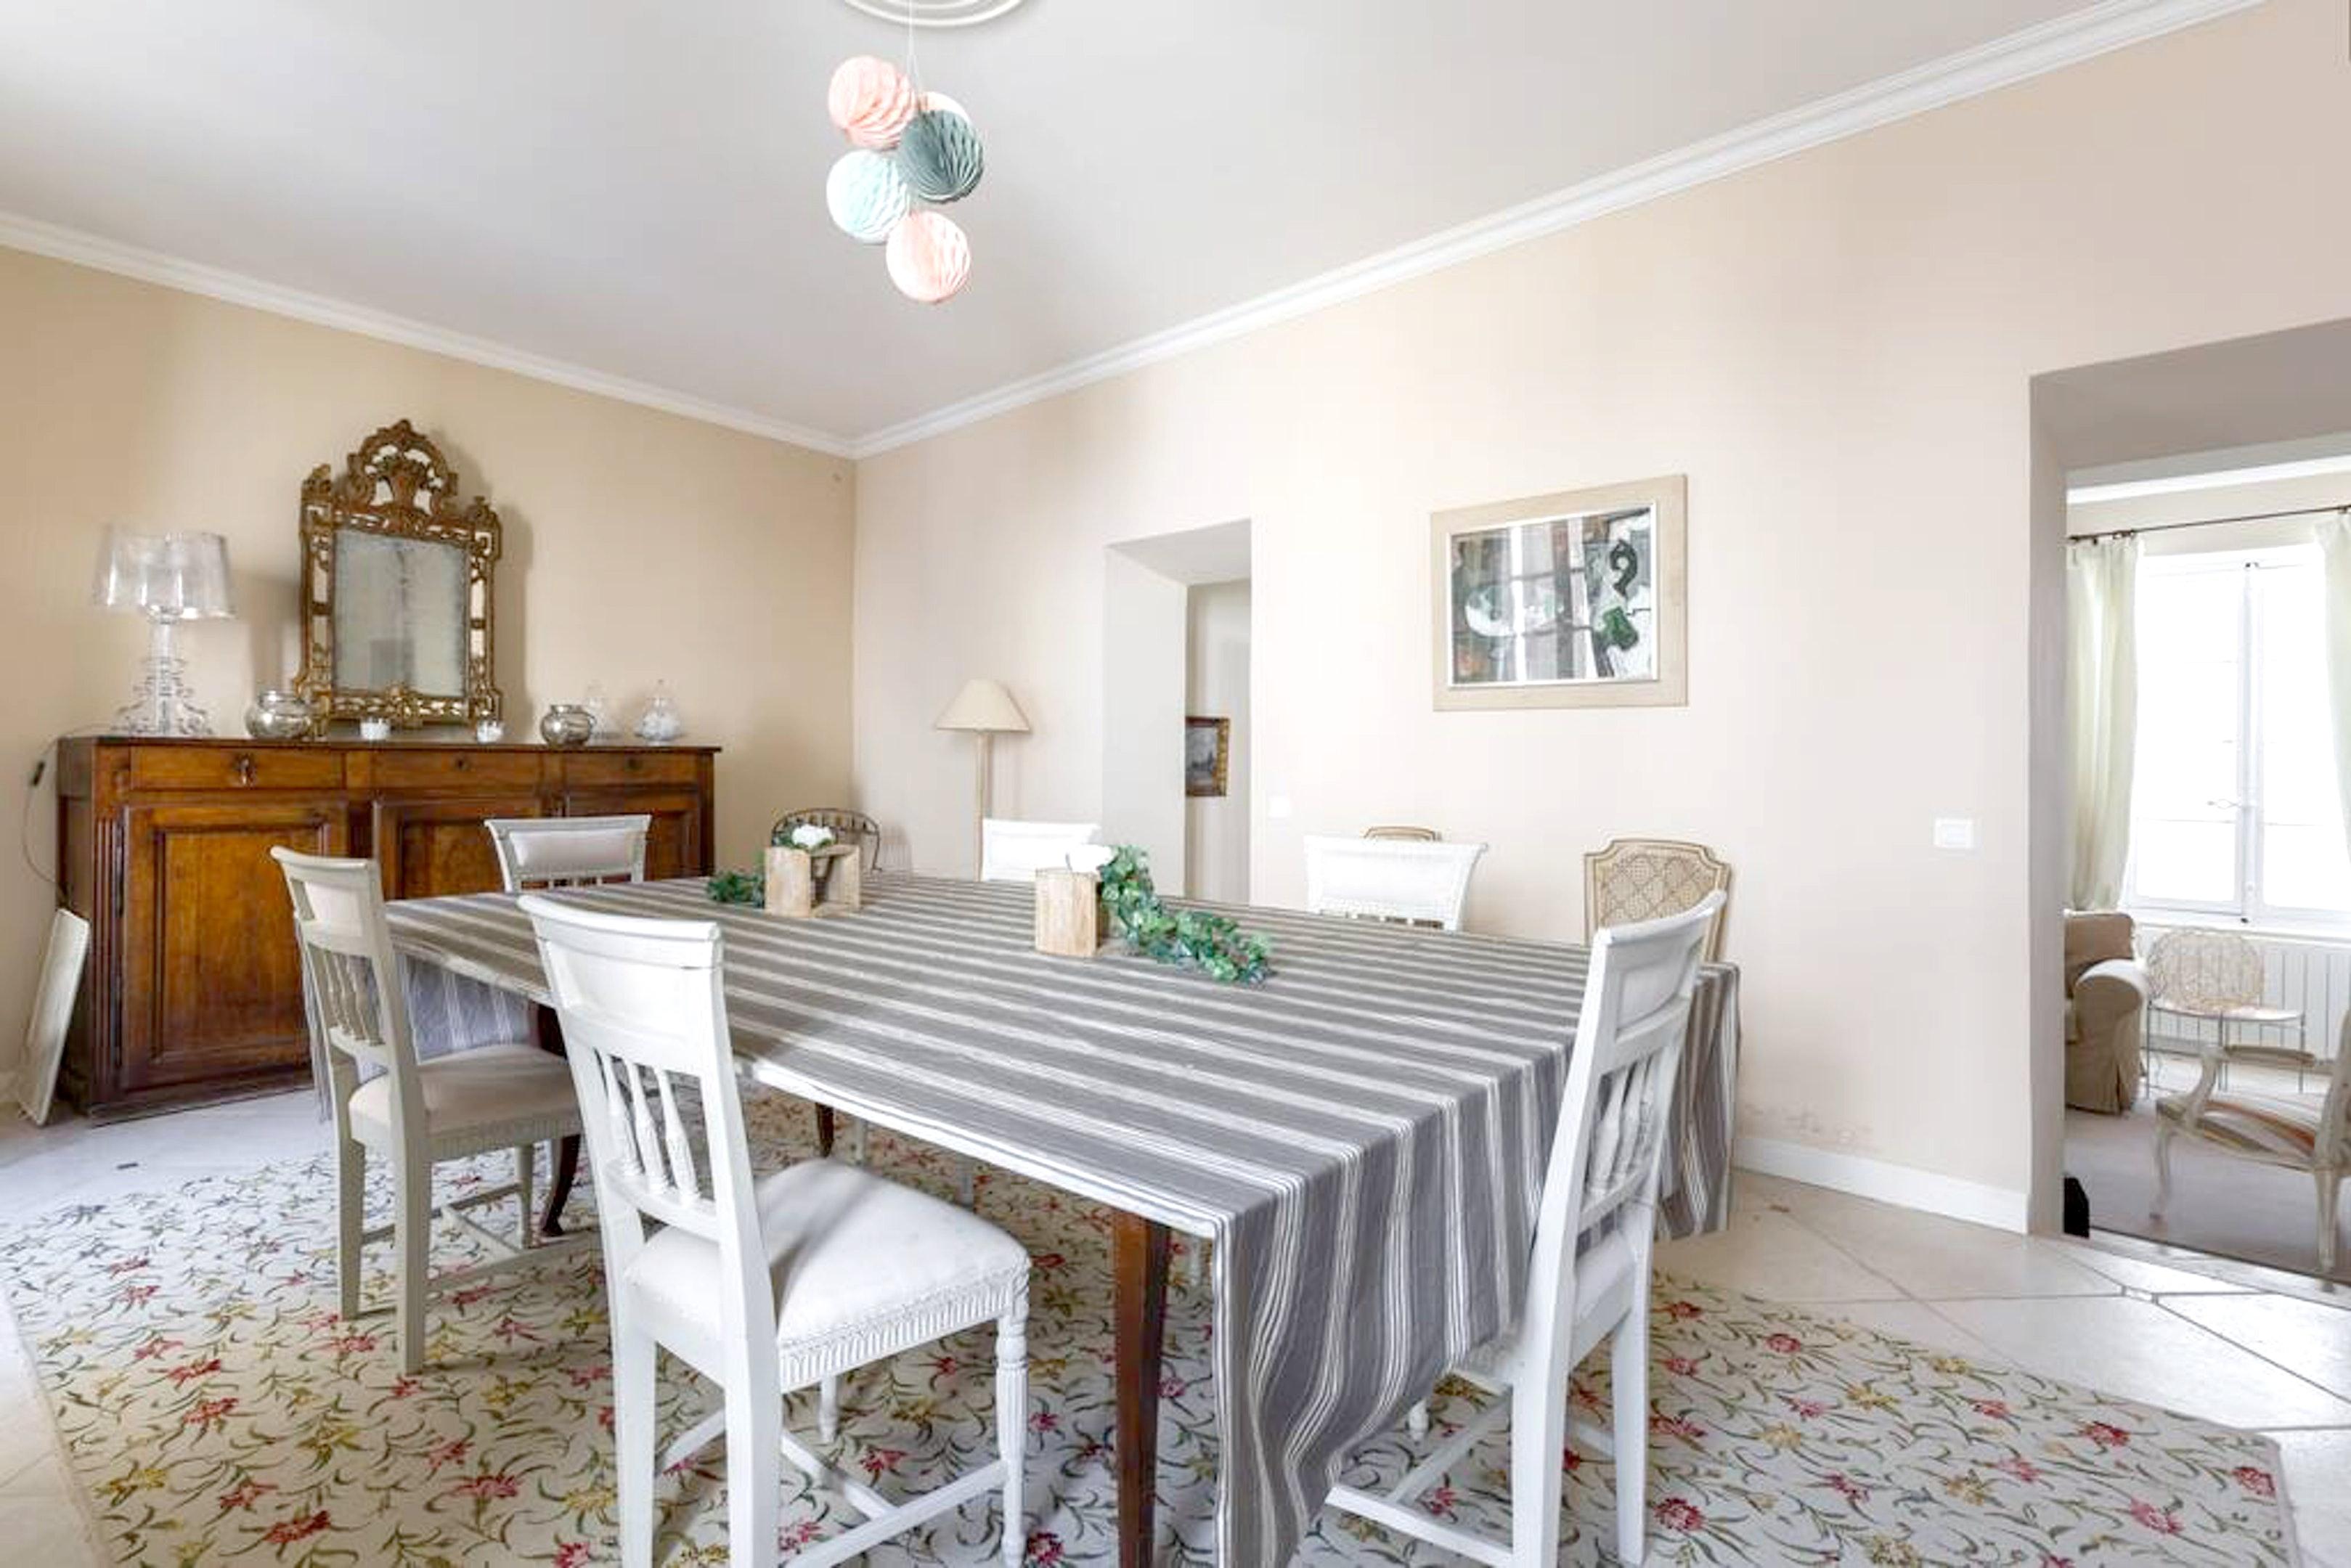 Maison de vacances Villa mit 6 Schlafzimmern in L'Isle-sur-la-Sorgue mit privatem Pool, möbliertem Garten und (2647203), L'Isle sur la Sorgue, Vaucluse, Provence - Alpes - Côte d'Azur, France, image 19